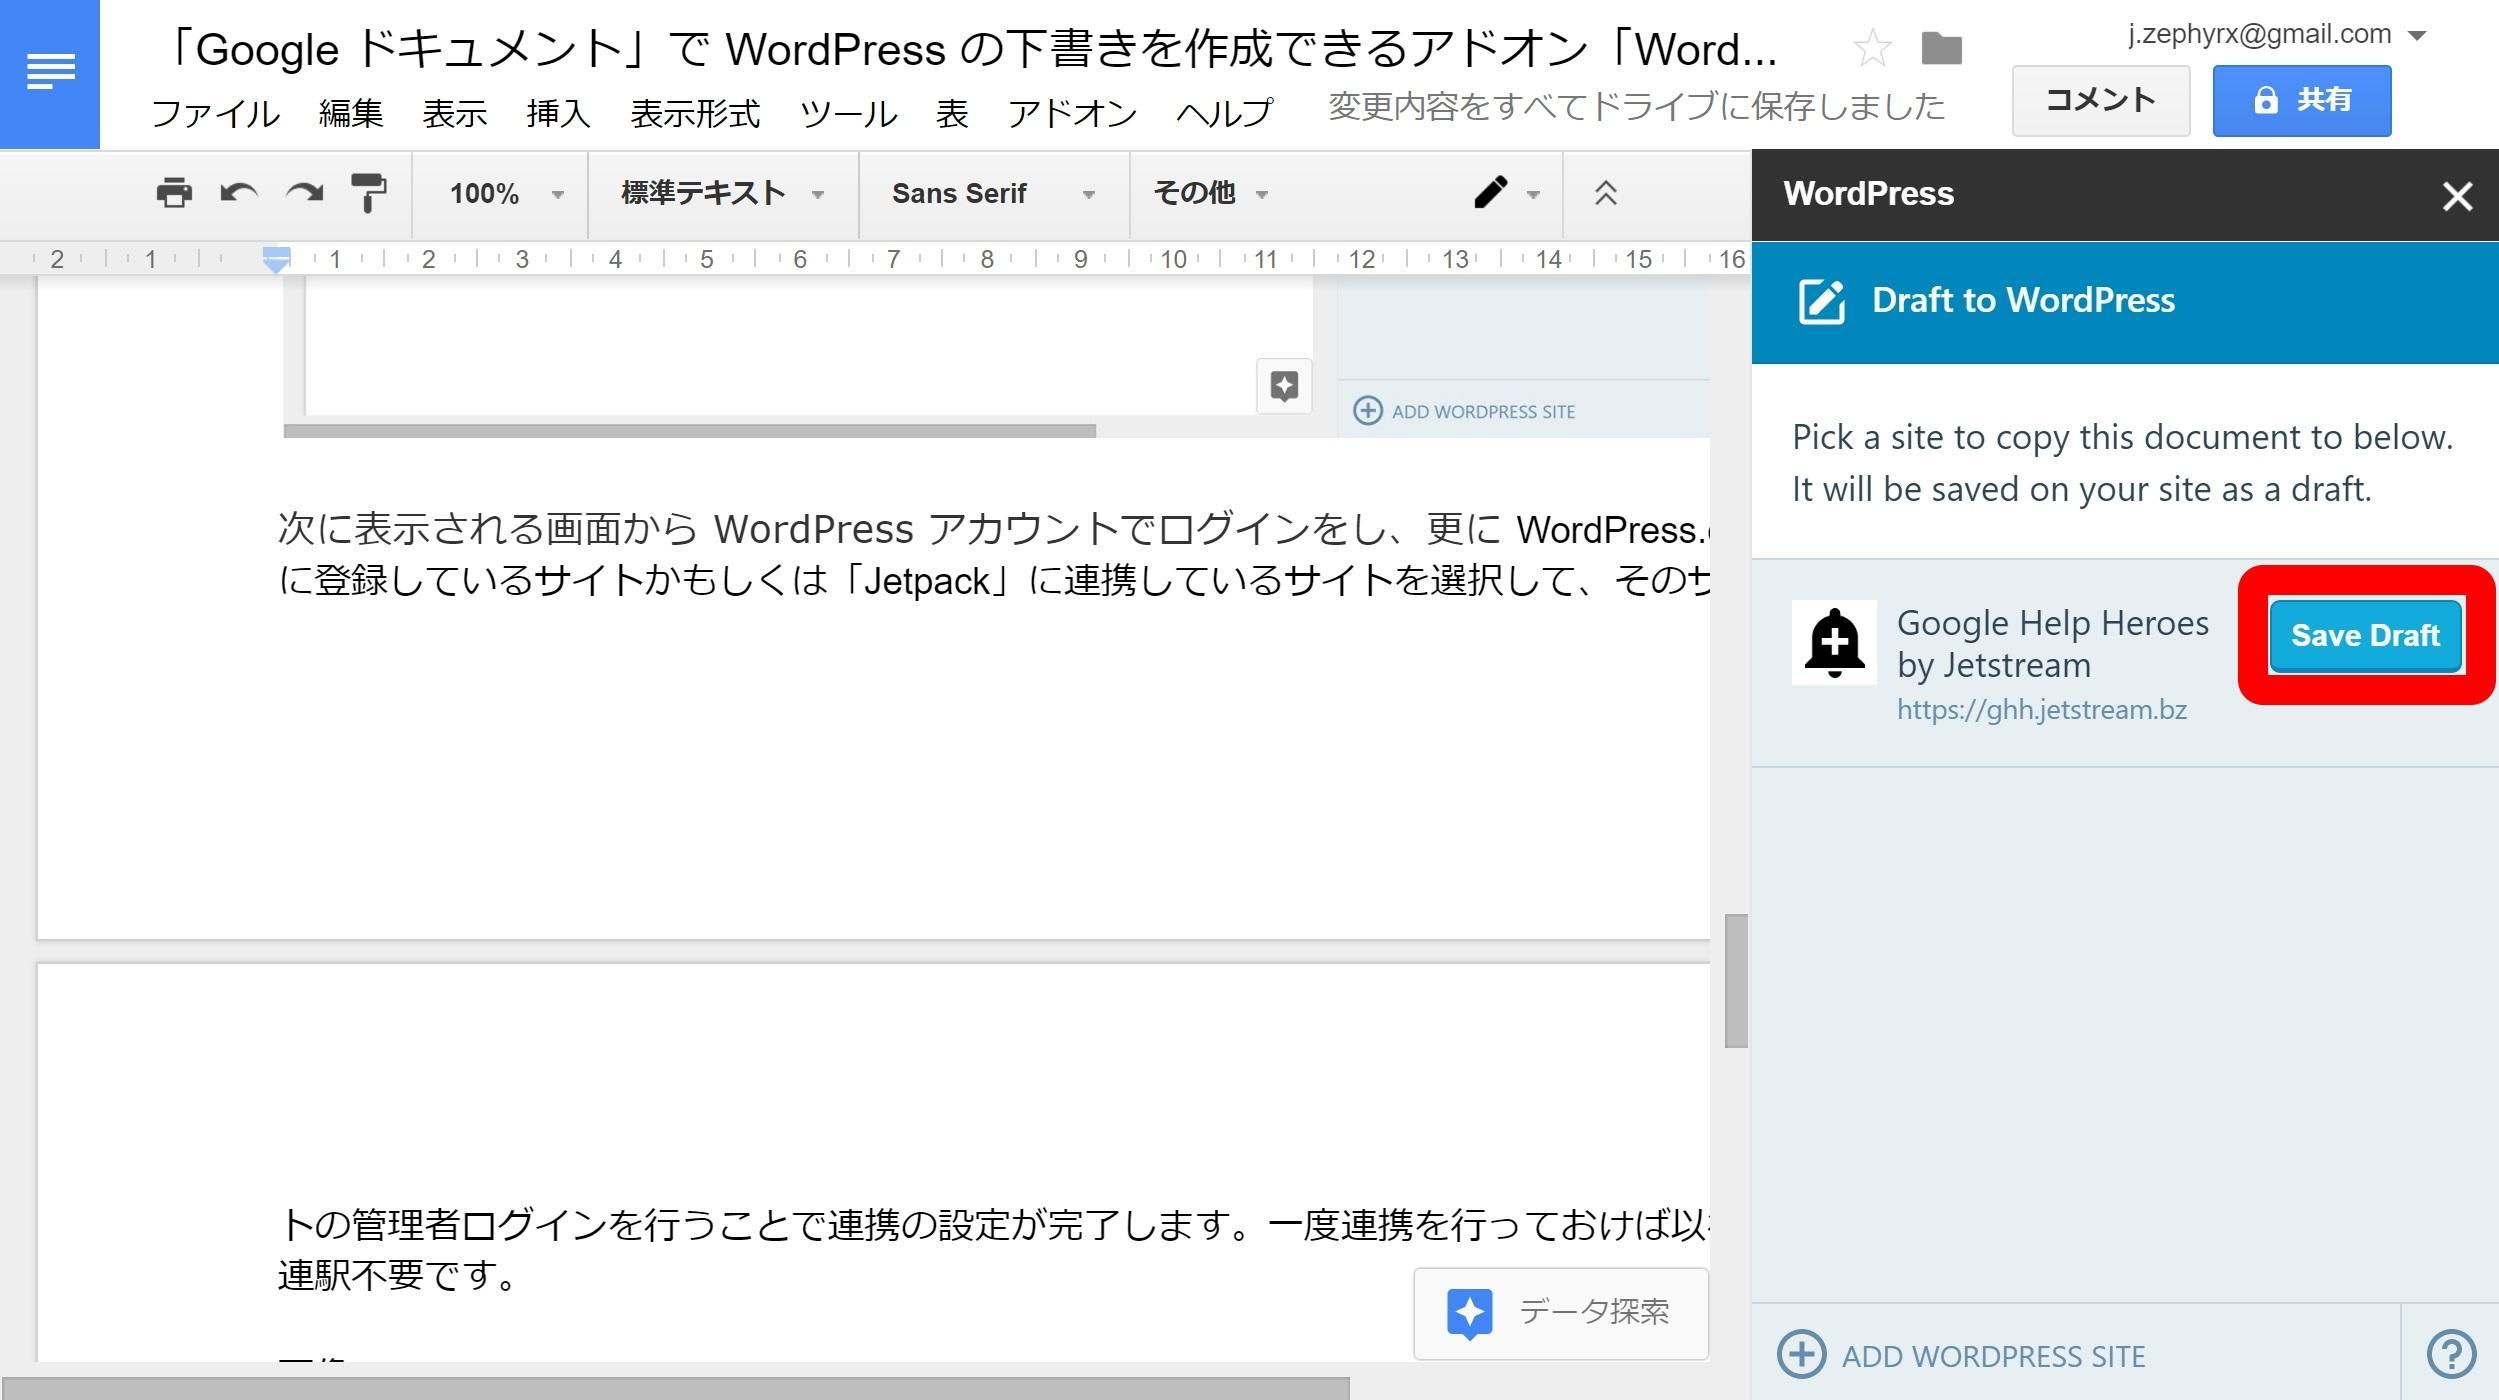 WordPress-4.jpg